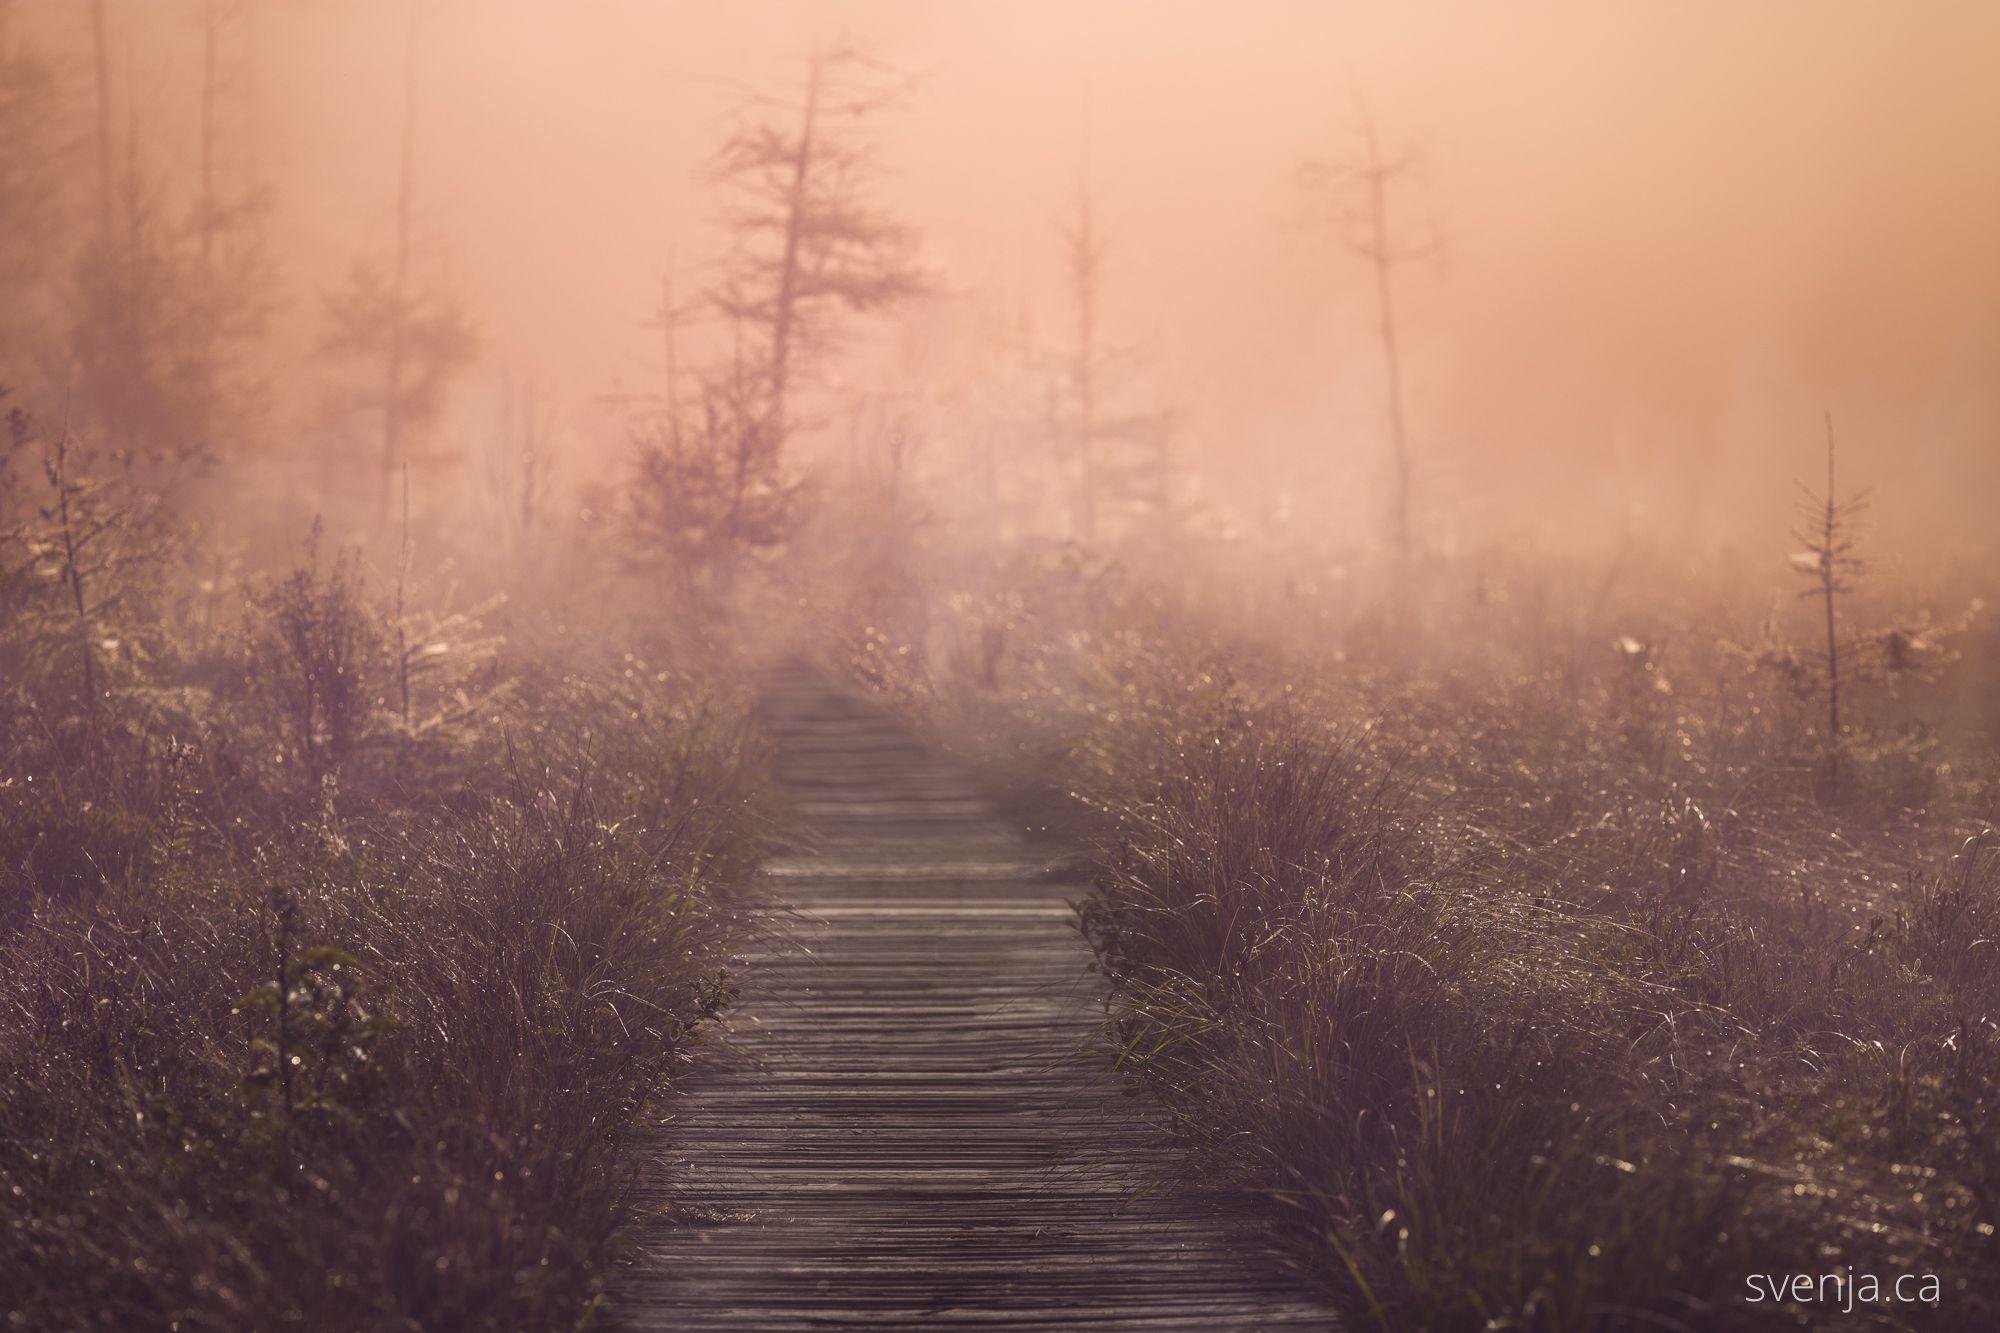 boardwalk image with pink landscape